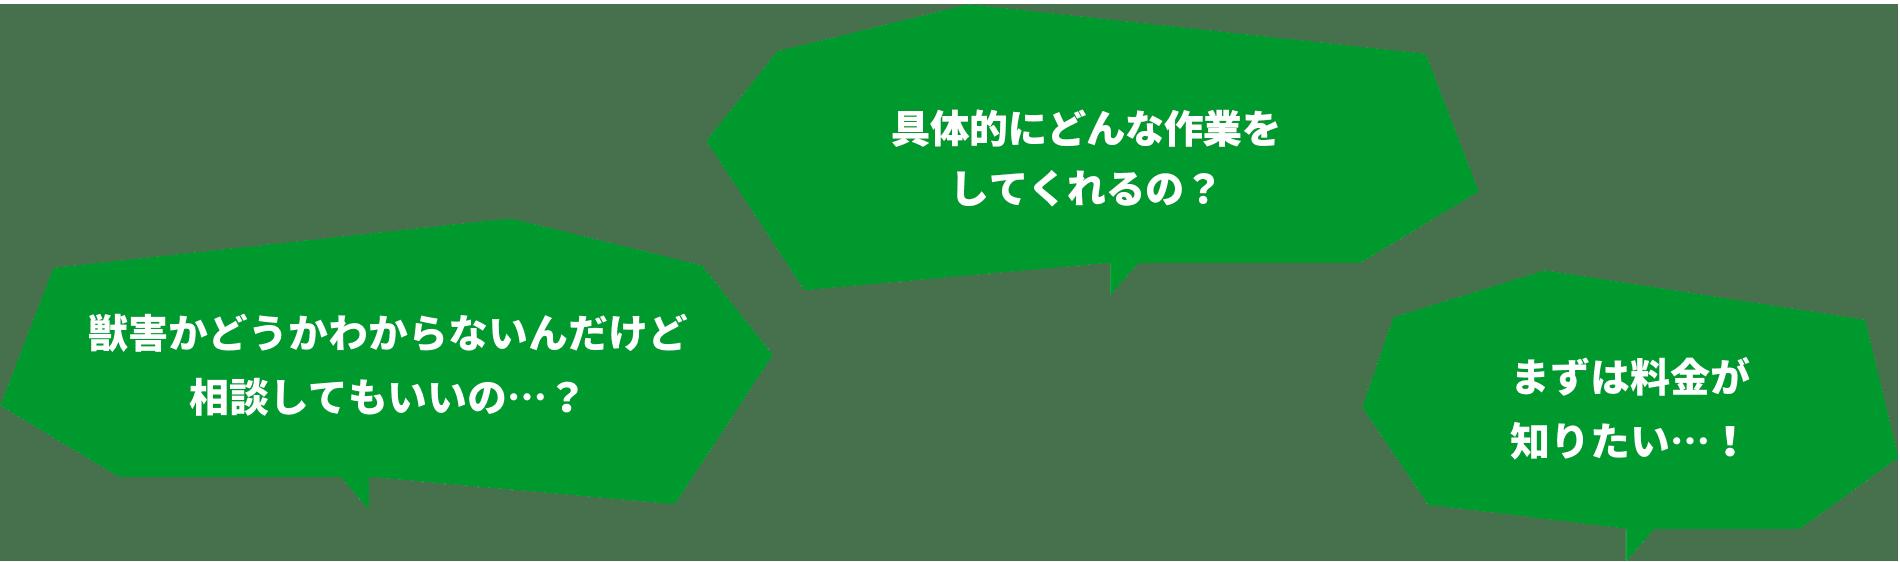 獣害かどうかわからないんだけど相談してもいいの…?京都府内ならどこでも来てくれるの?まずは料金が知りたい…!